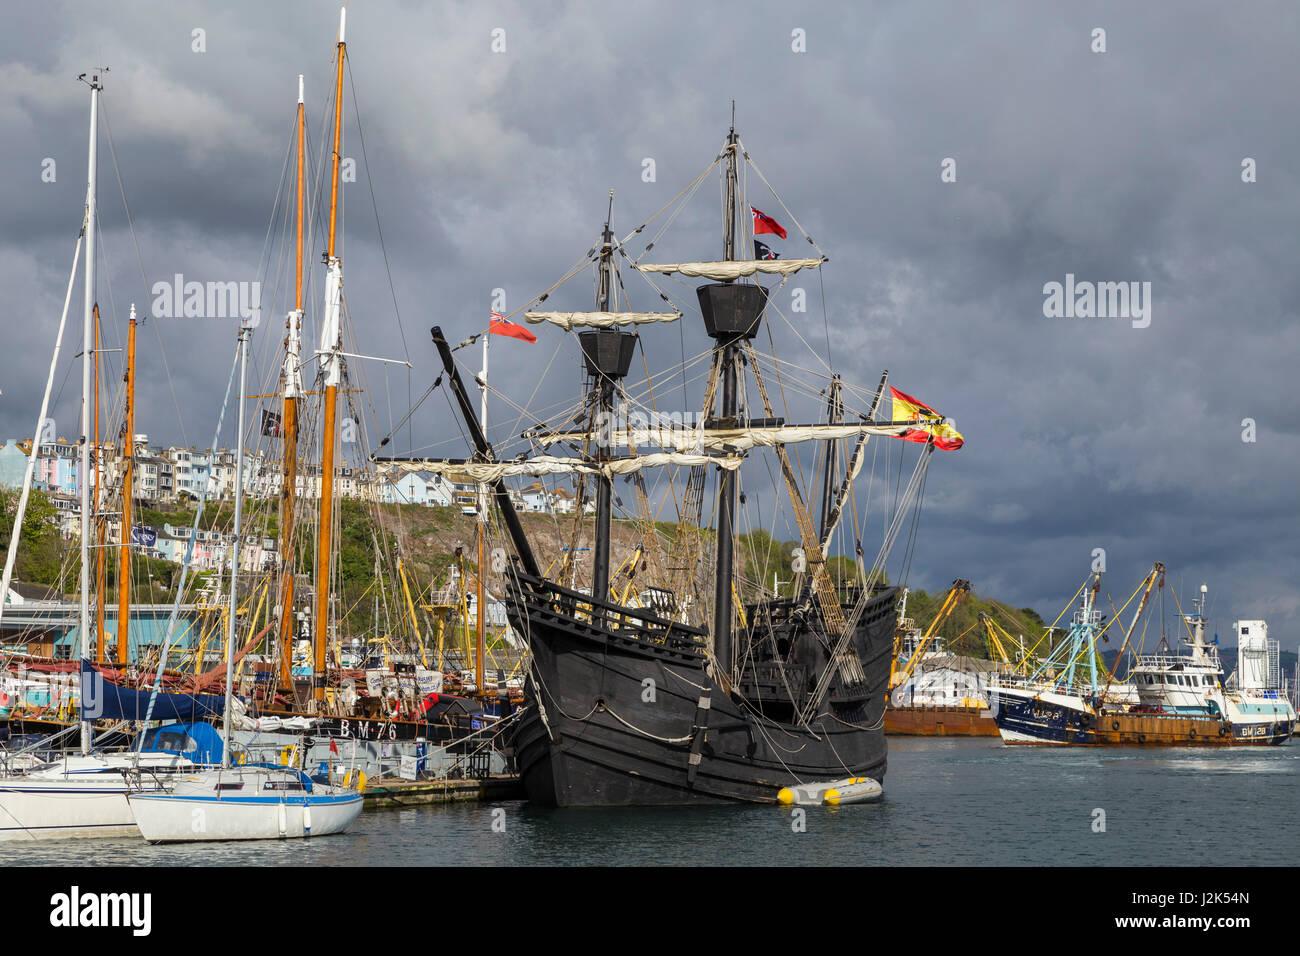 Brixham, Devon, 29th Apr 17 The historic Neo Victoria, Ferdinand Magellan's ship, which circumnavigated the globe - Stock Image